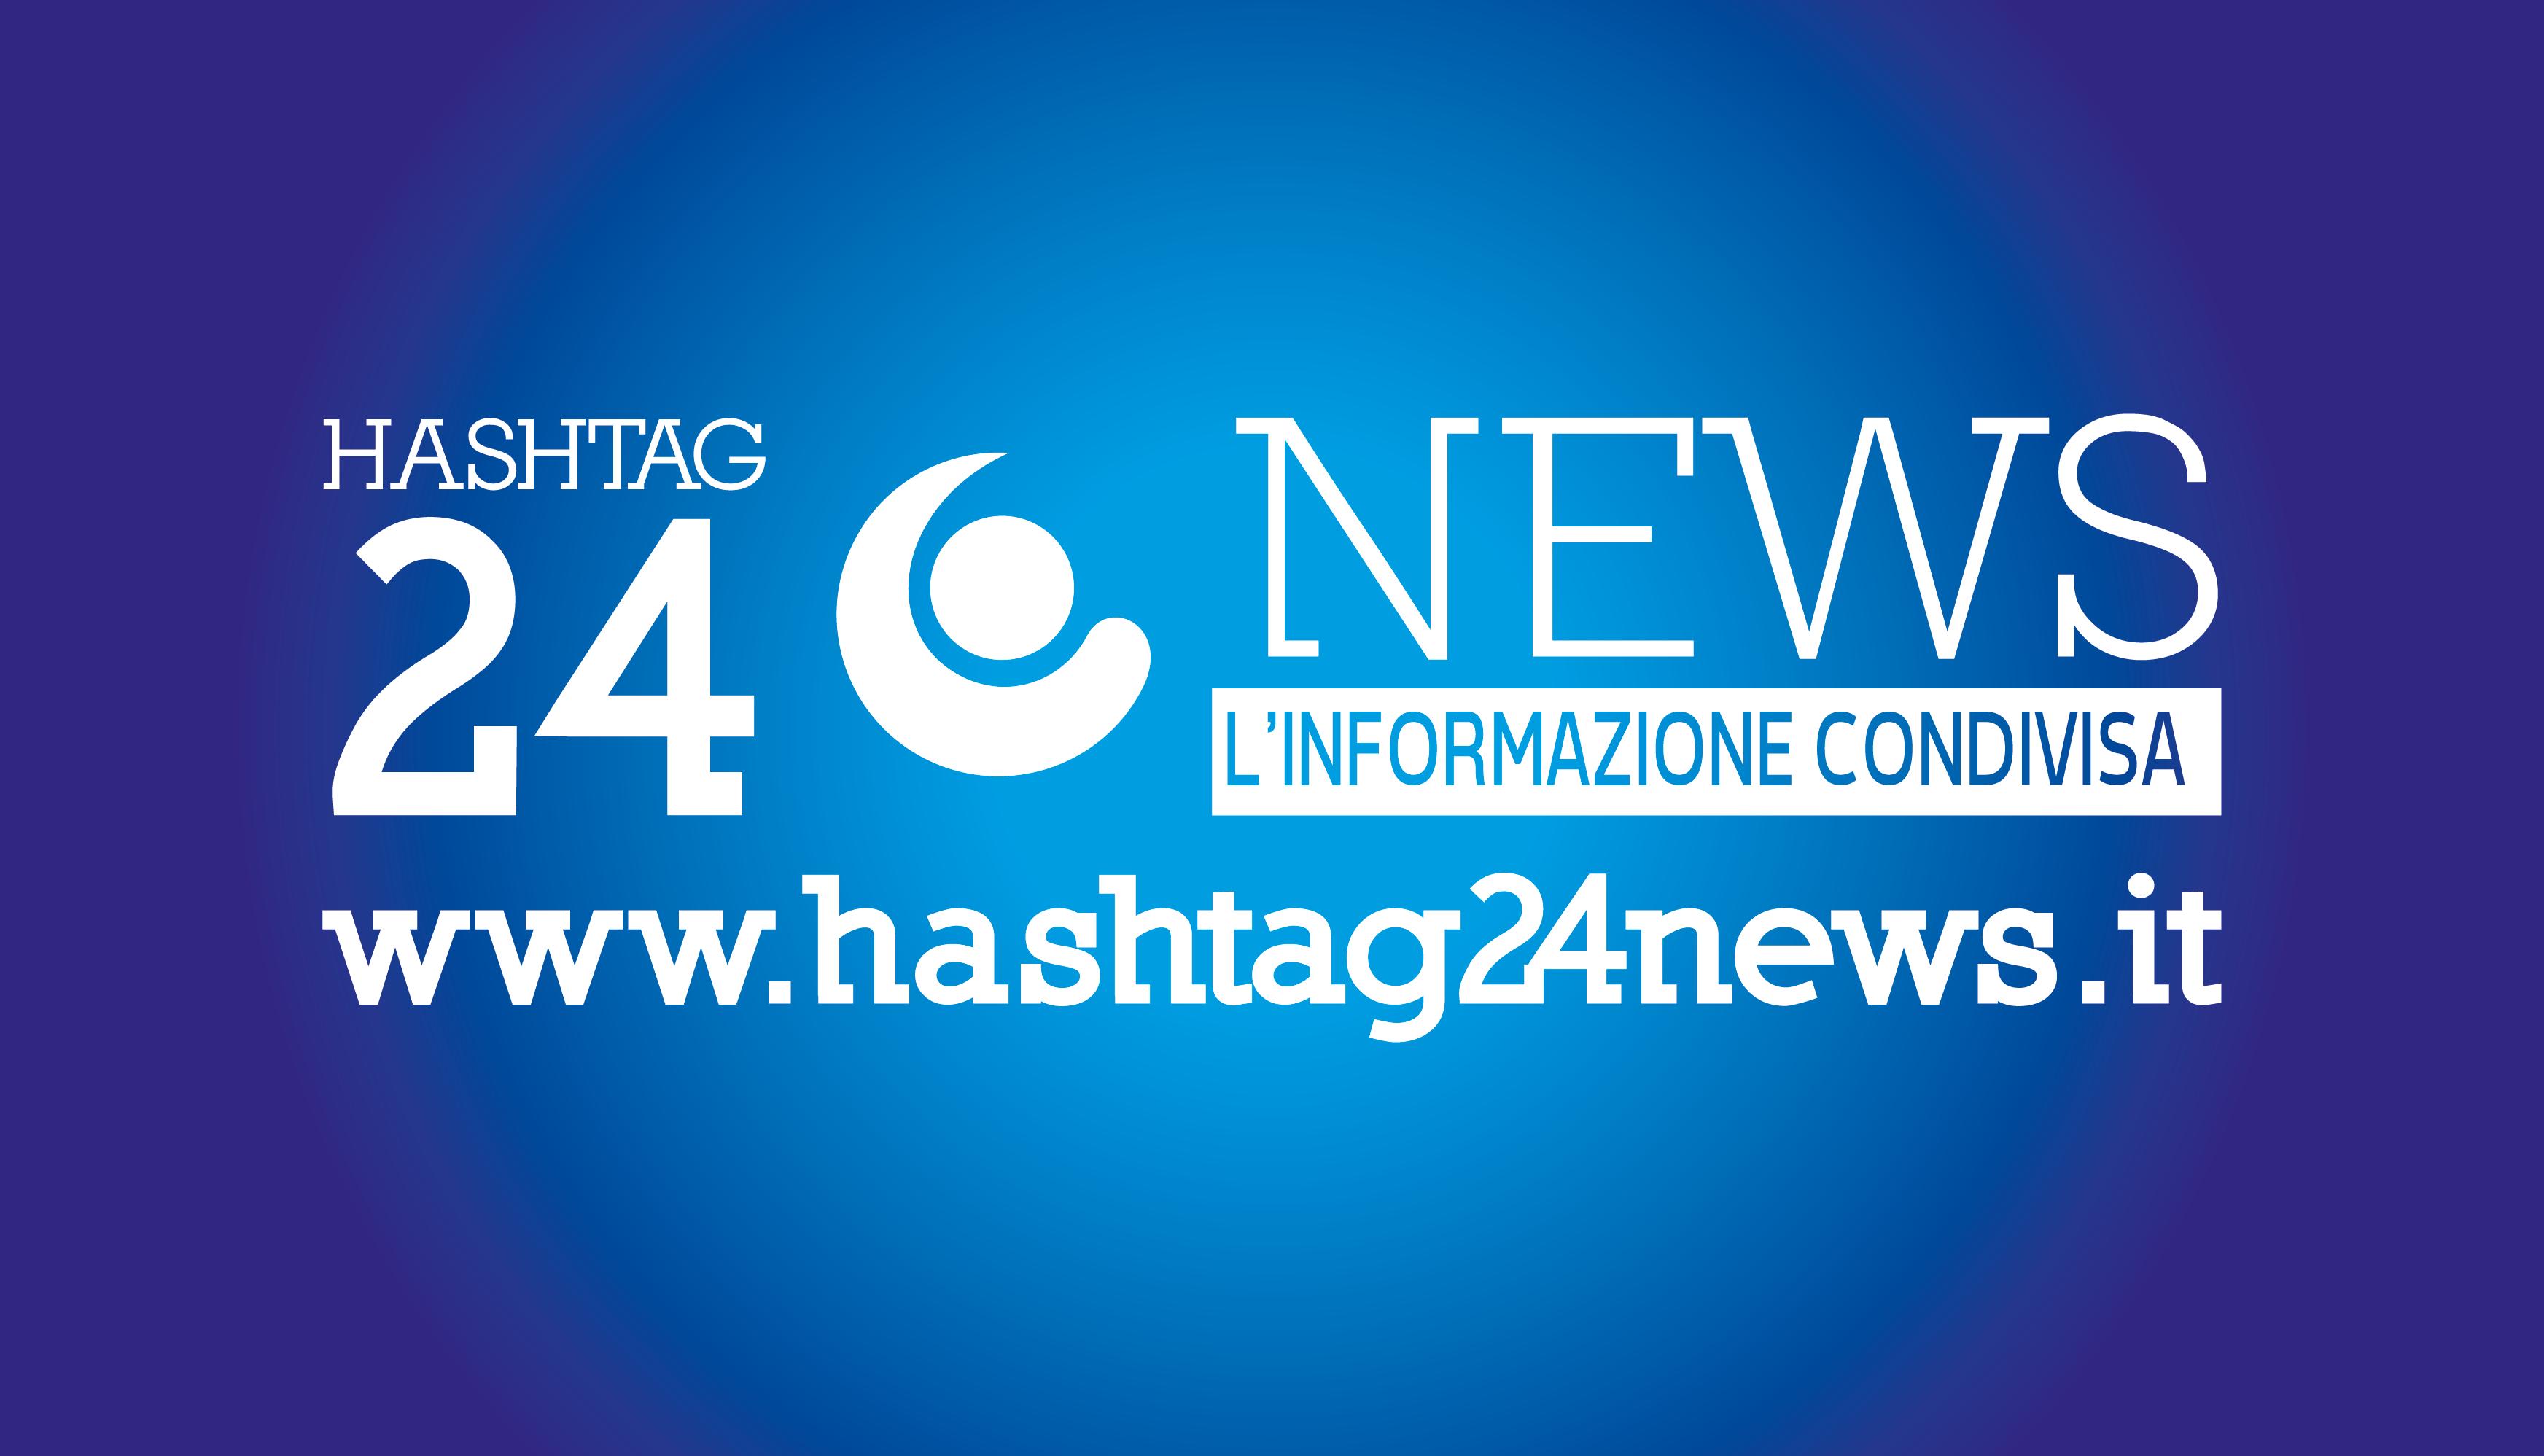 Da lunedì 25 maggio Hashtag24news sarà la webzine di tutti.